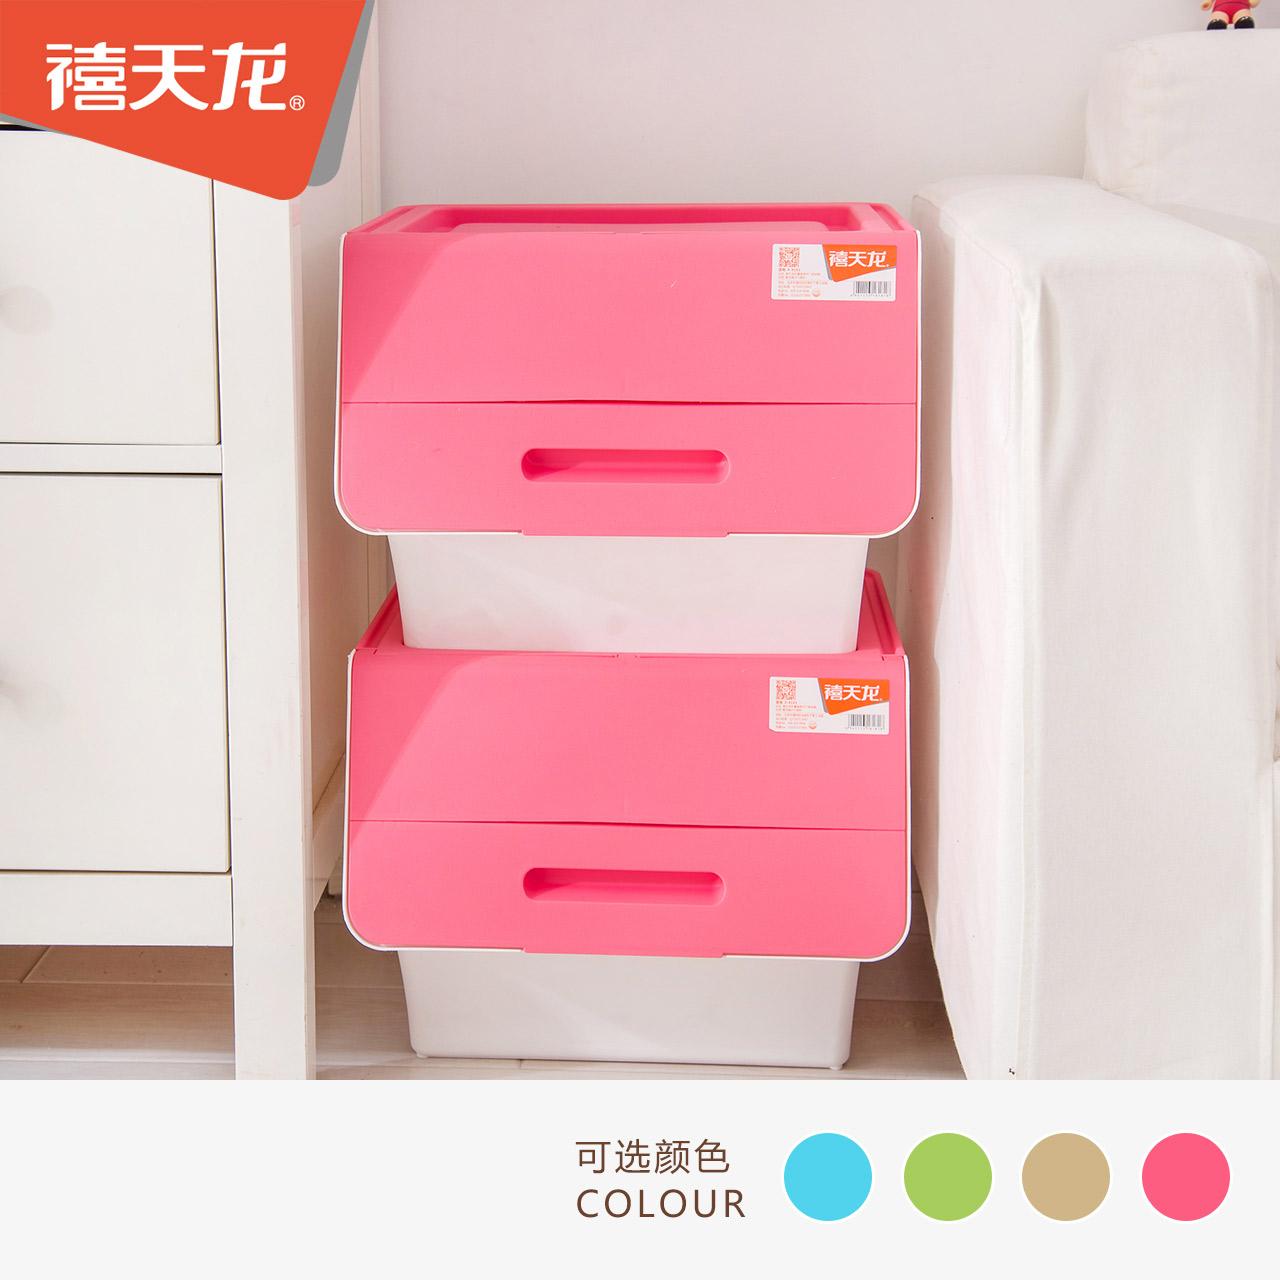 Юбилей день дракона пластик хранение кабинет перед открытием крышка мусор одежда в коробку нулю еда коробка складные хранение кабинет